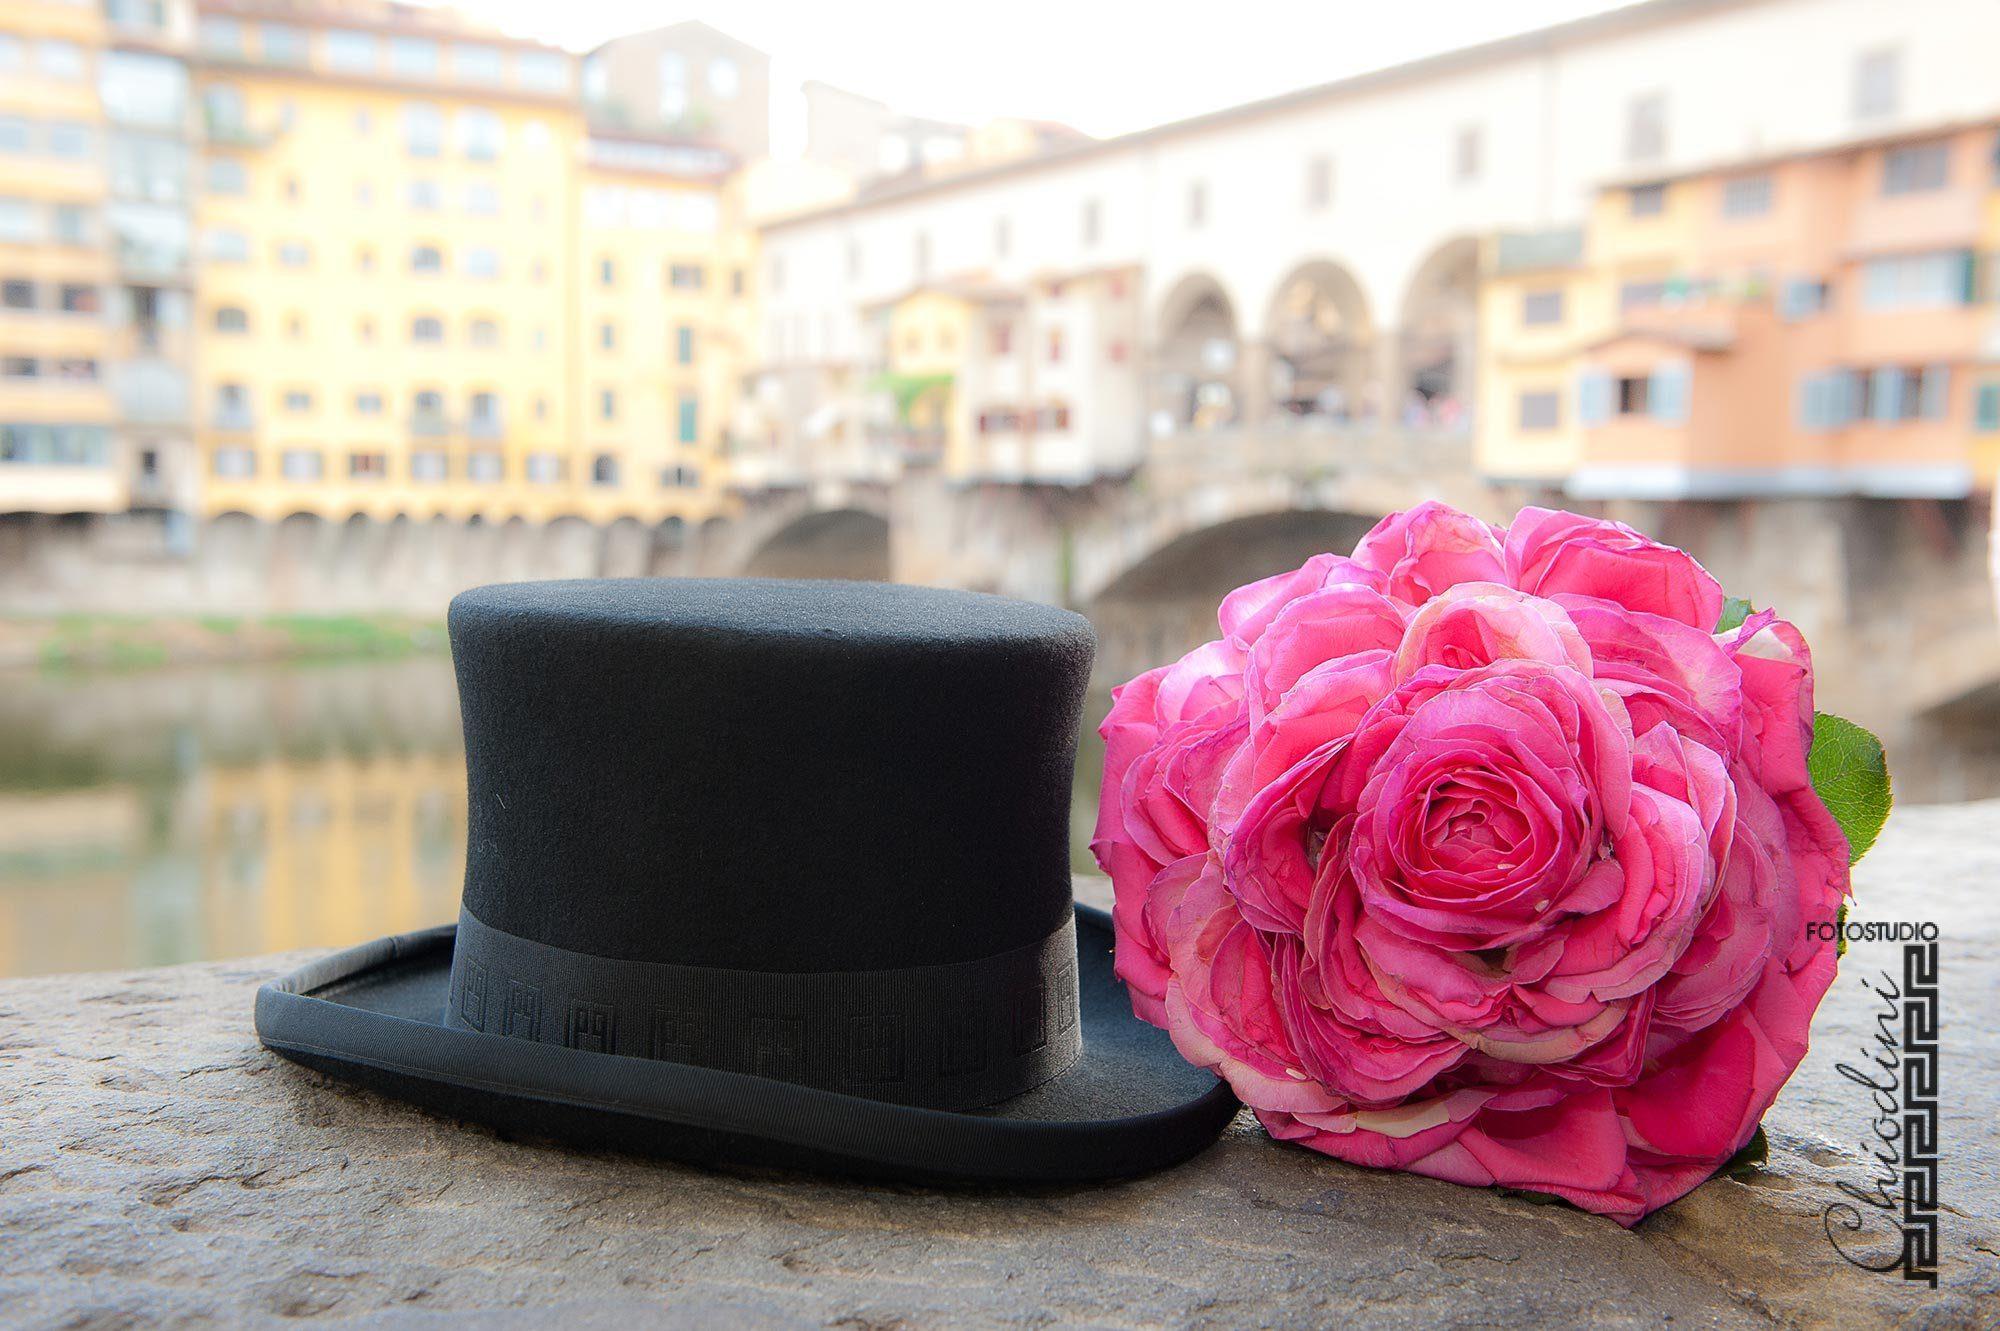 Foto per campagnia pubblicitaria Matrimonio Firenze